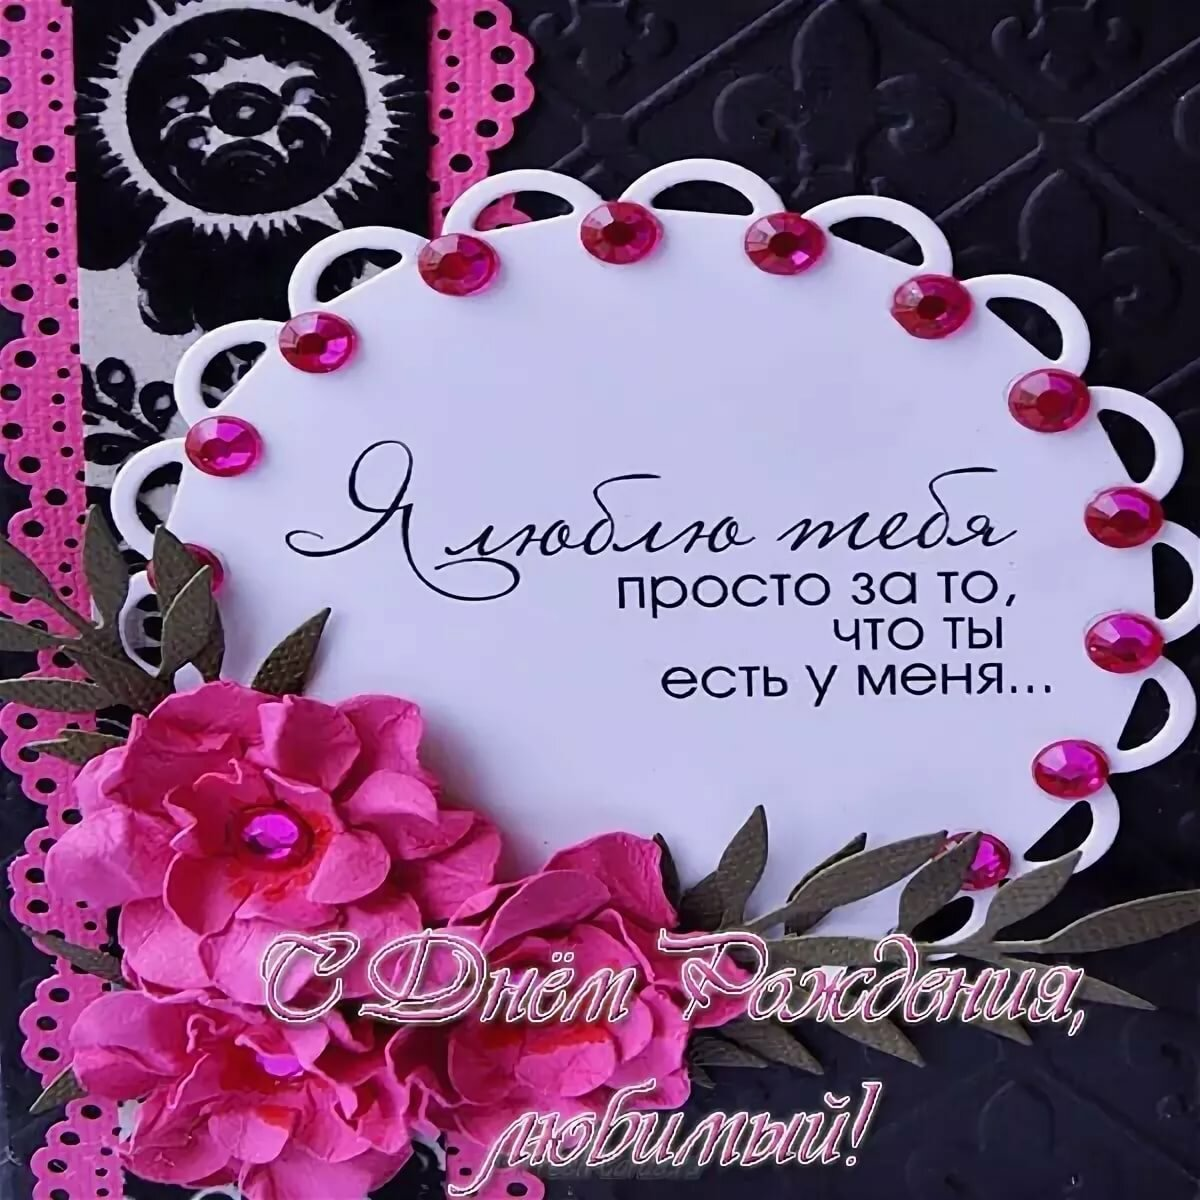 Музыкальное поздравление с днем рождения для любимого мужа, открытки нижнем новгороде